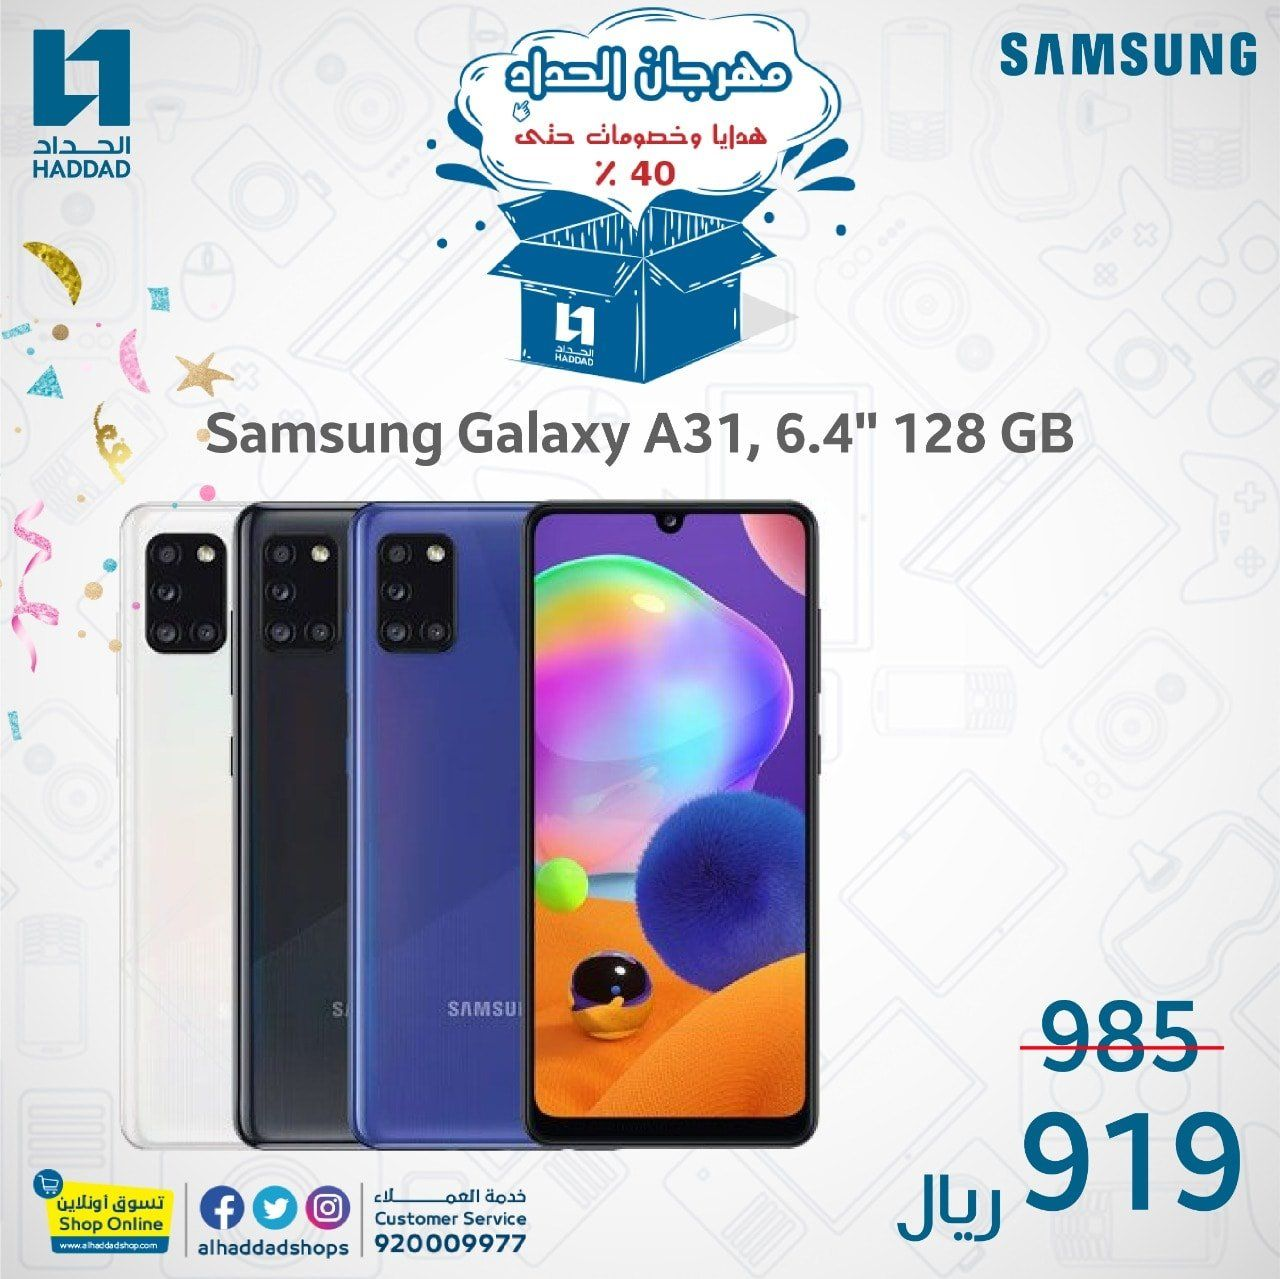 عروض الحداد علي اسعار جوالات سامسونج الاحد 2020 9 6 عروض اليوم Samsung Galaxy Phone Samsung Galaxy Galaxy Phone